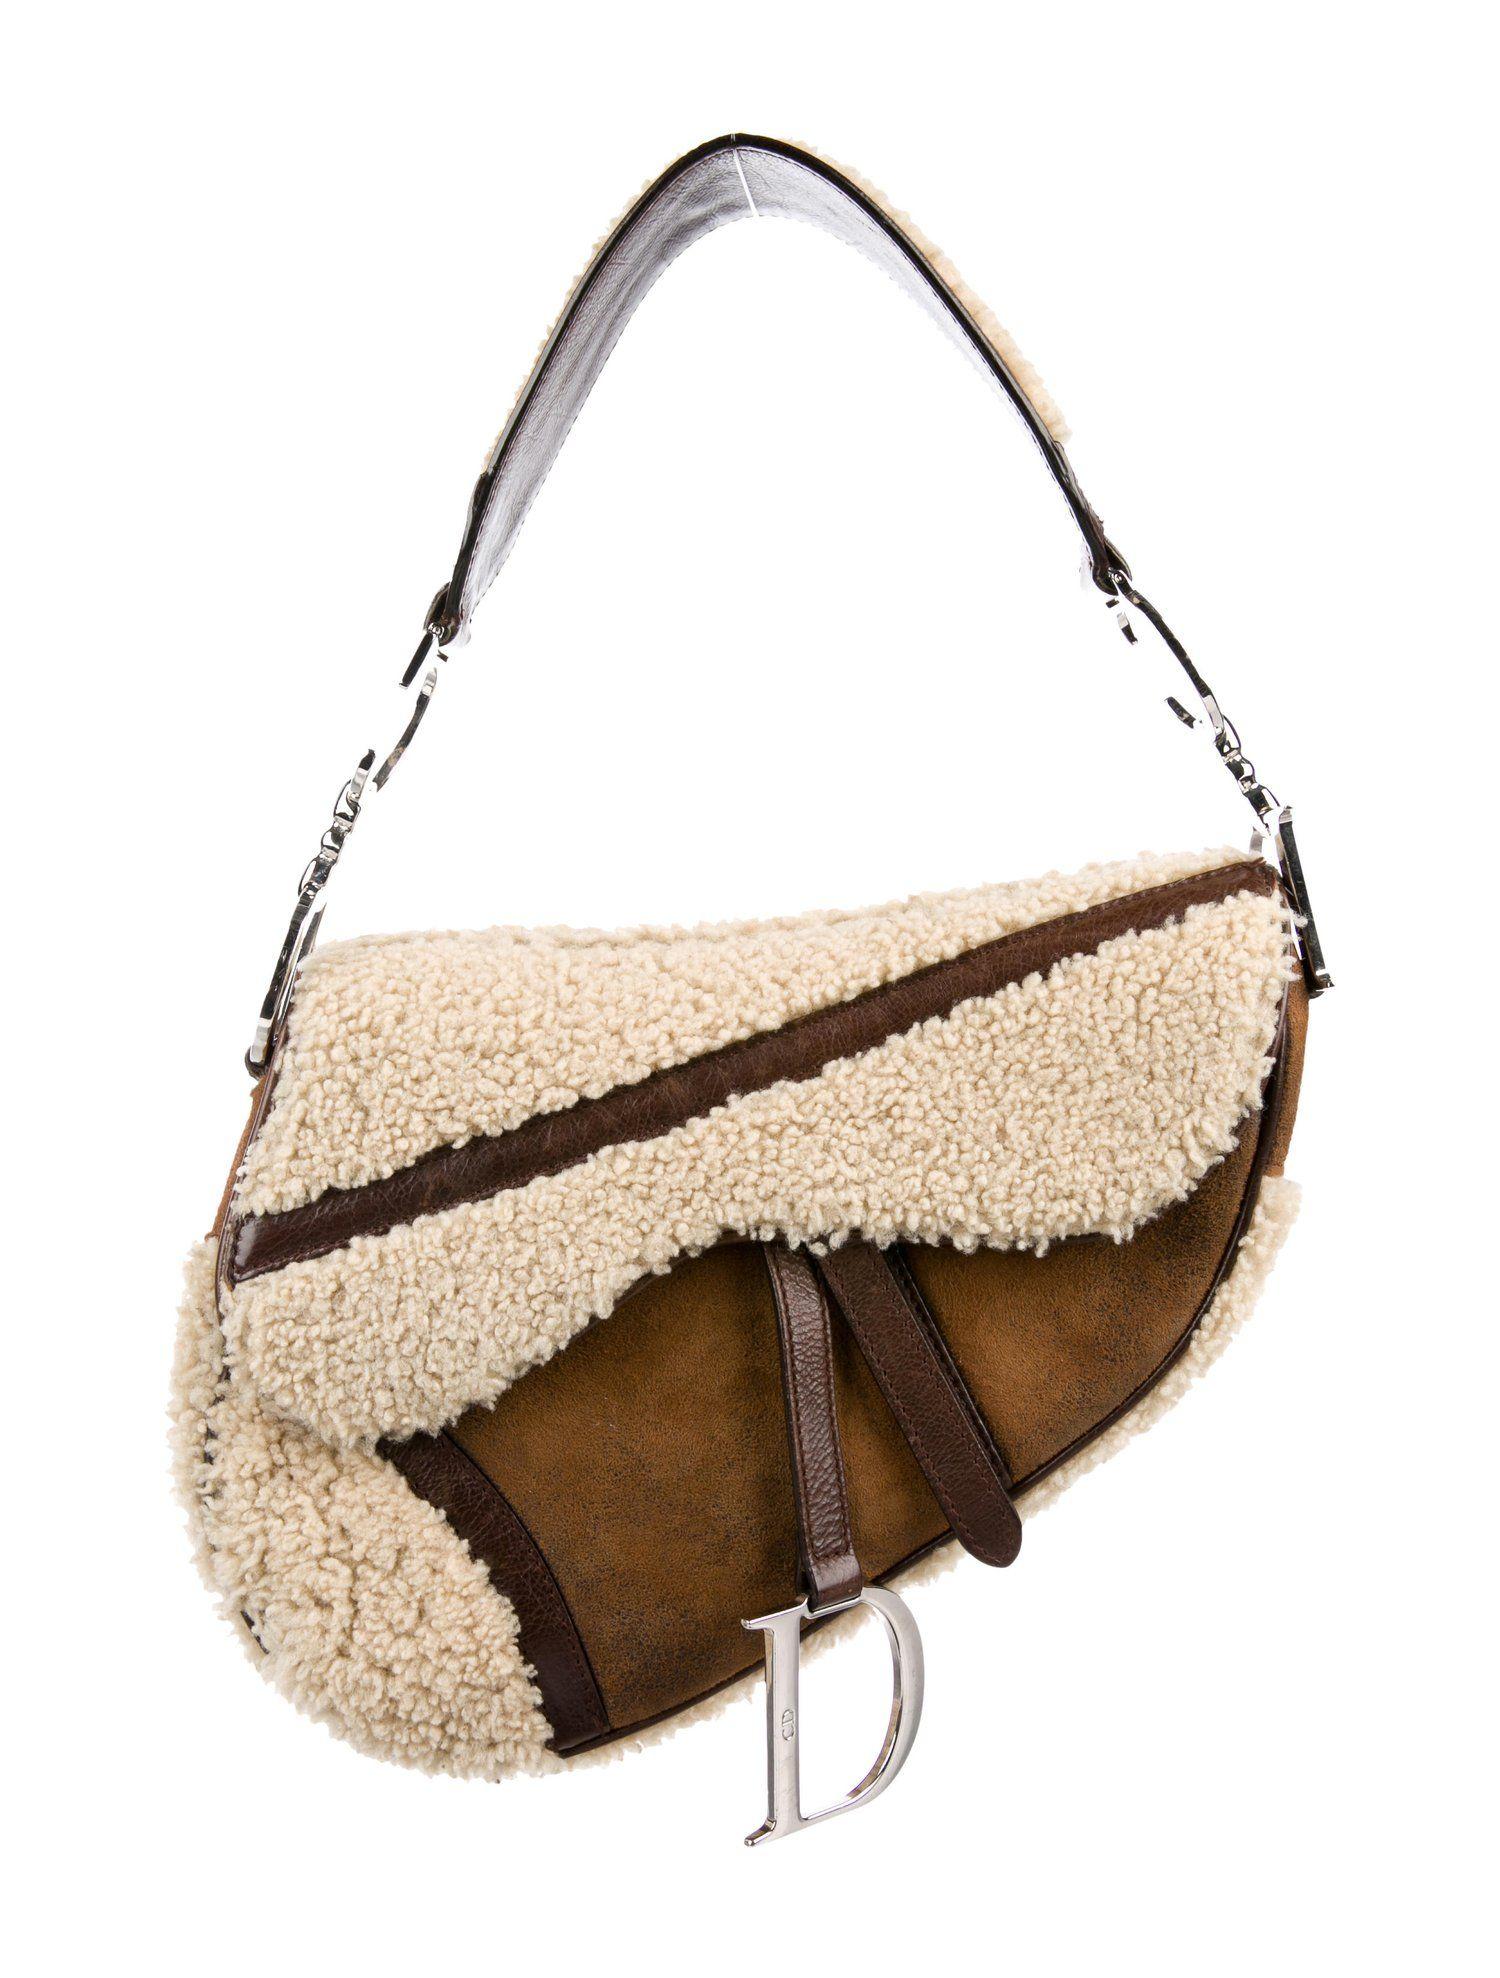 a6abaea696c8d0 Christian Dior Shearling Saddle Bag - Handbags - CHR89370 | The RealReal